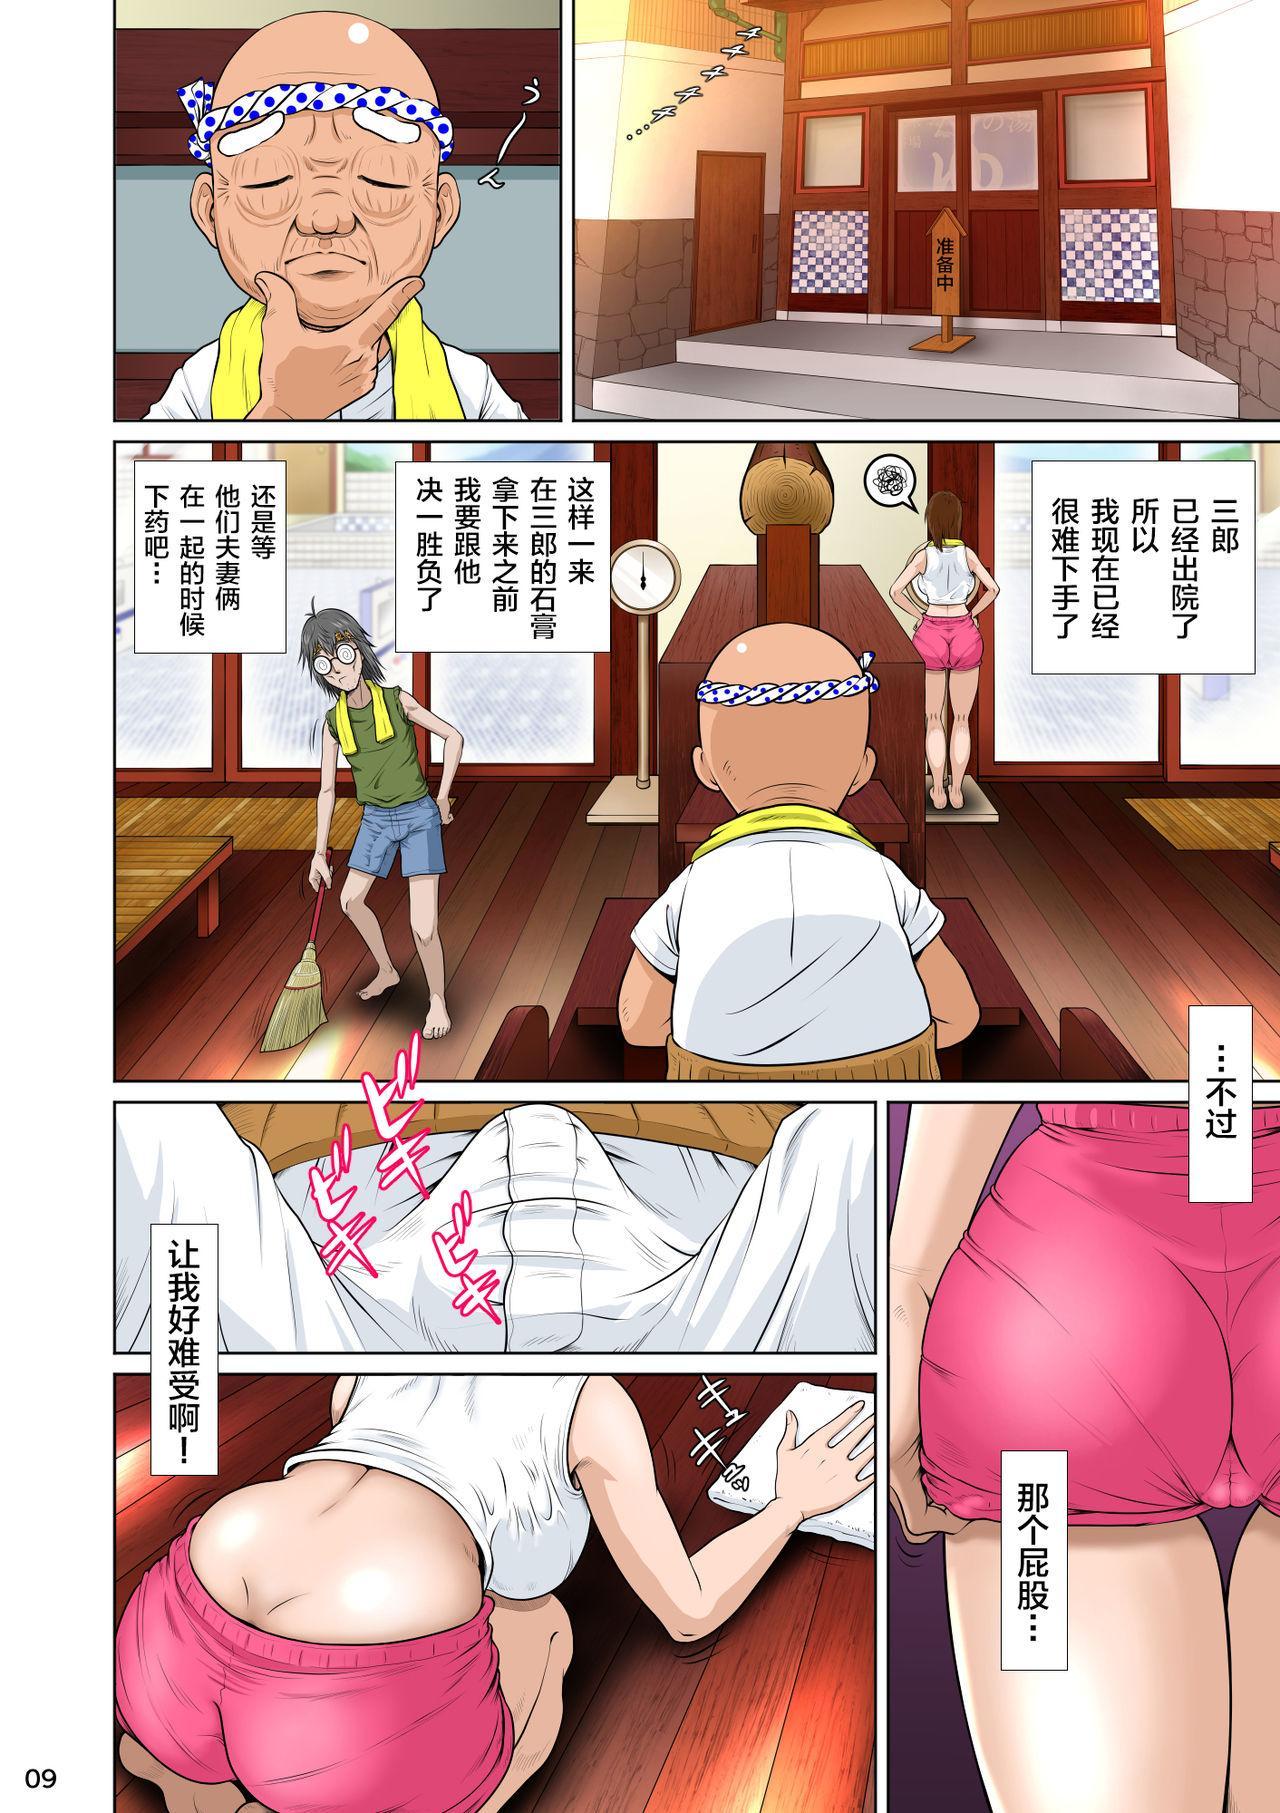 Akasuri Yubana no Chizuru-san Ha no Shou 10